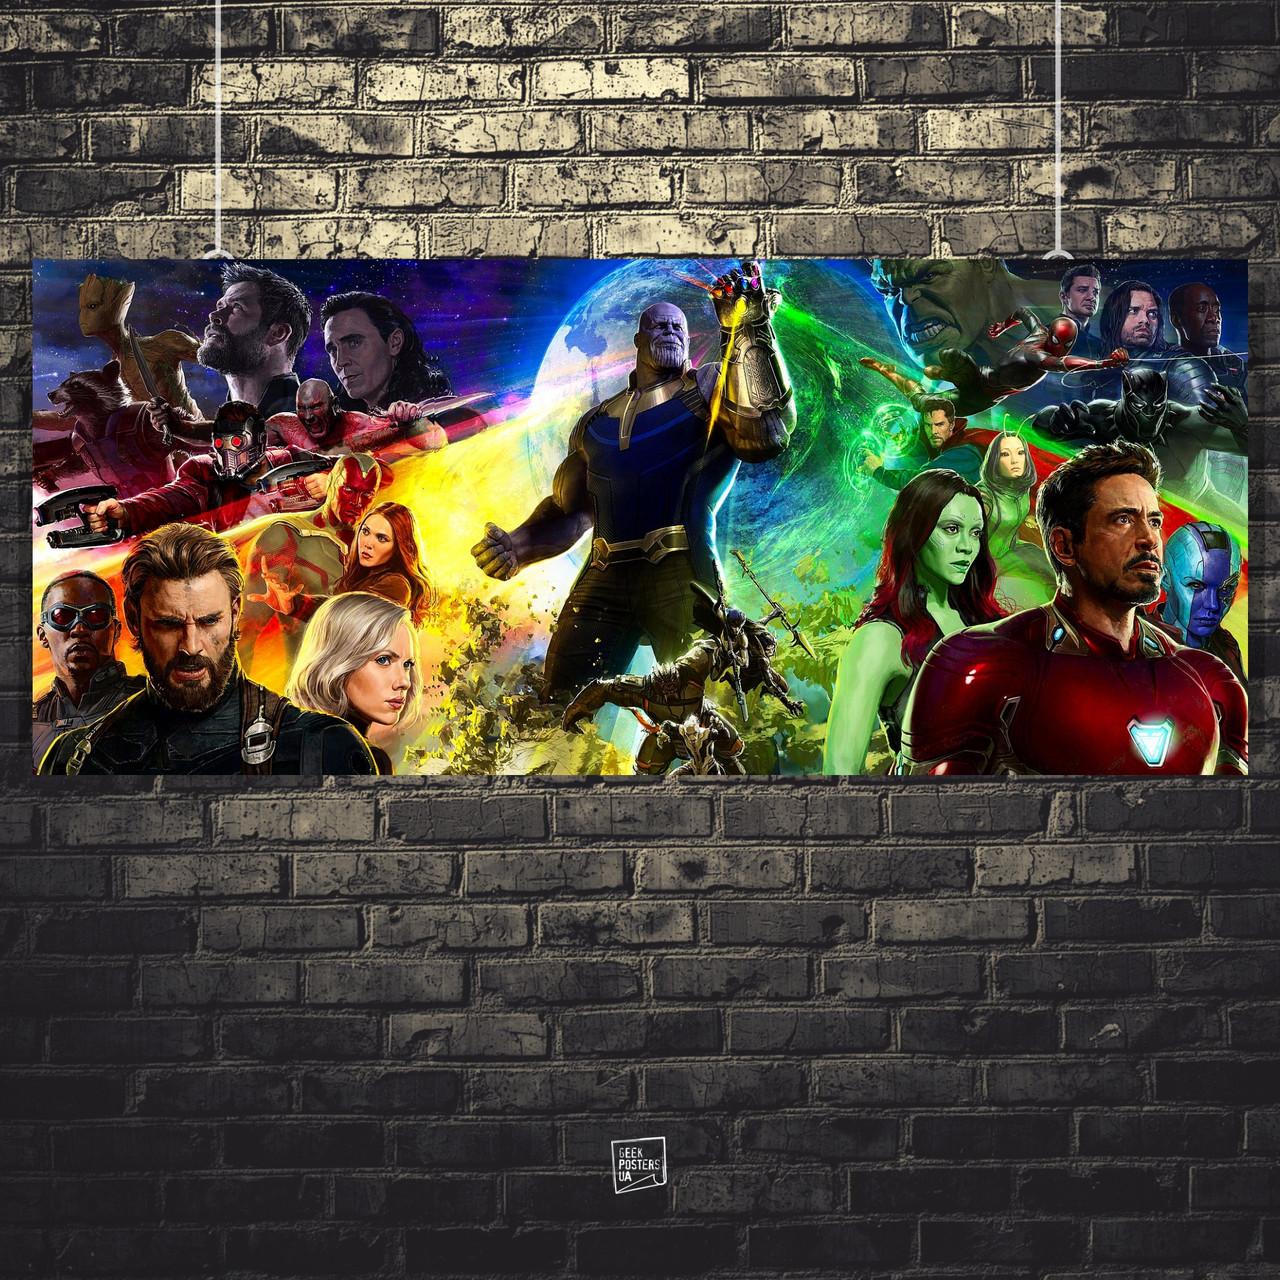 время учебы эксклюзивный постер мстители в кино них встречаются различных